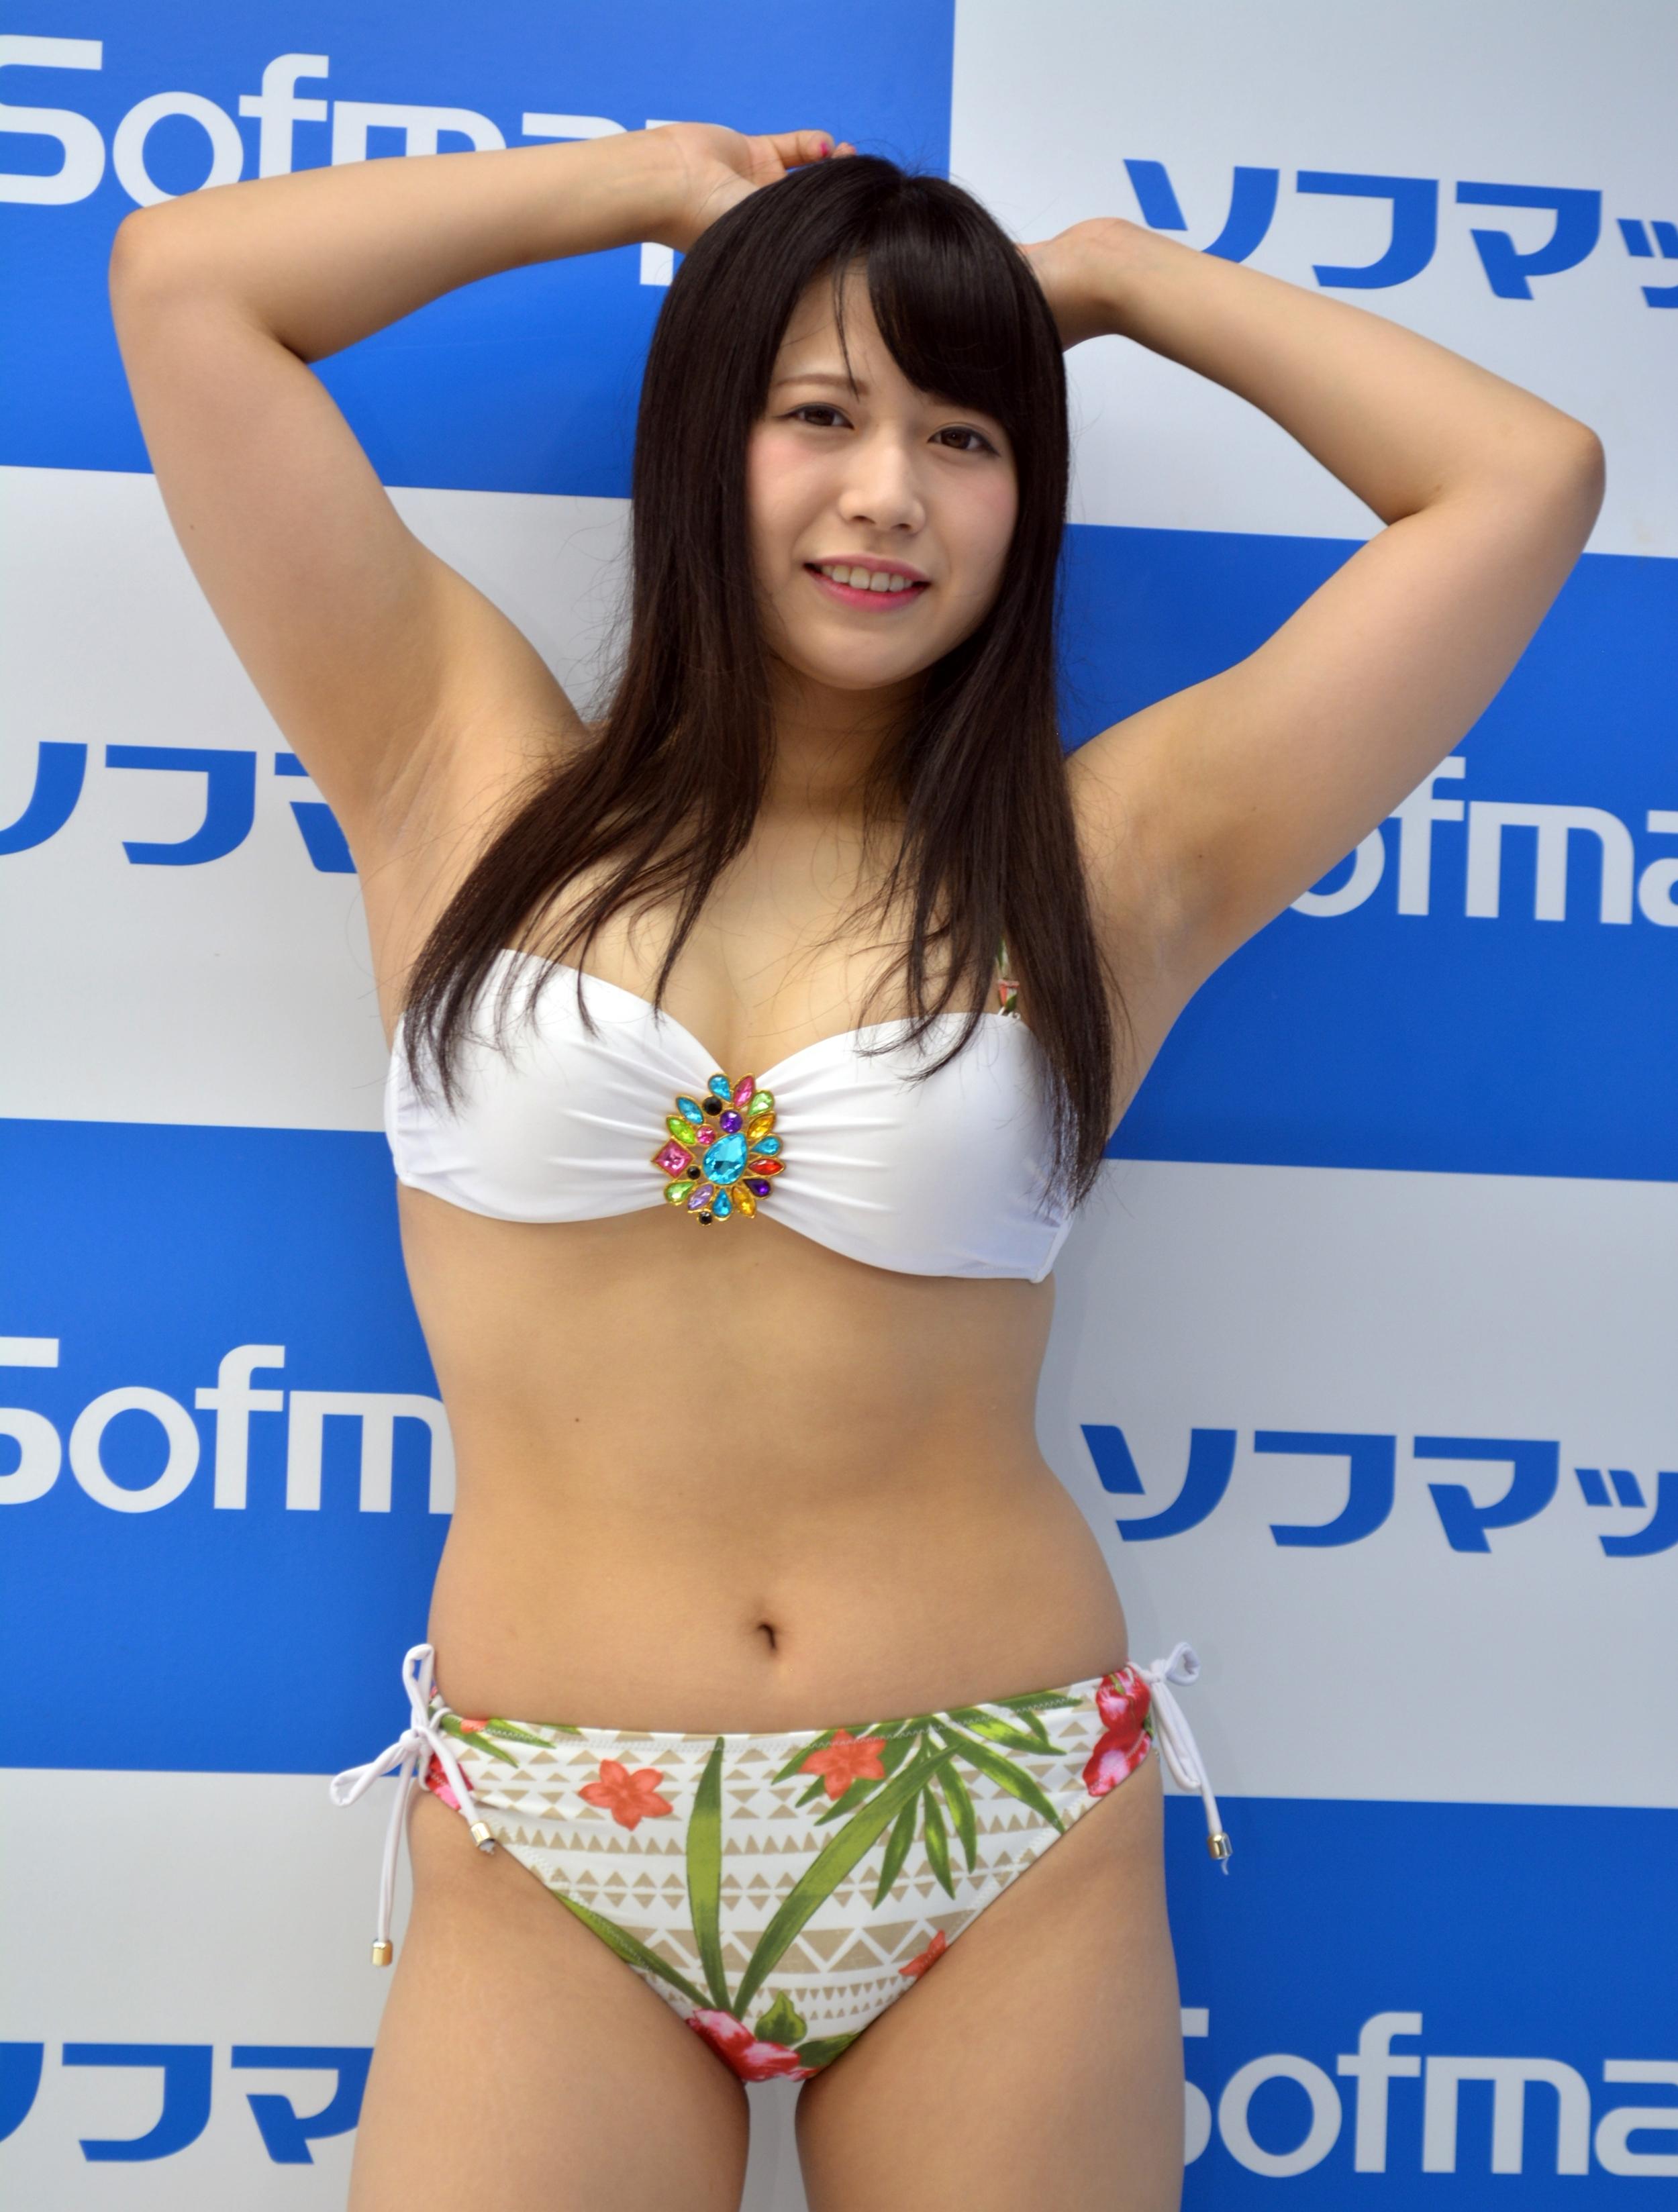 桜りんのデカ腋 (1)